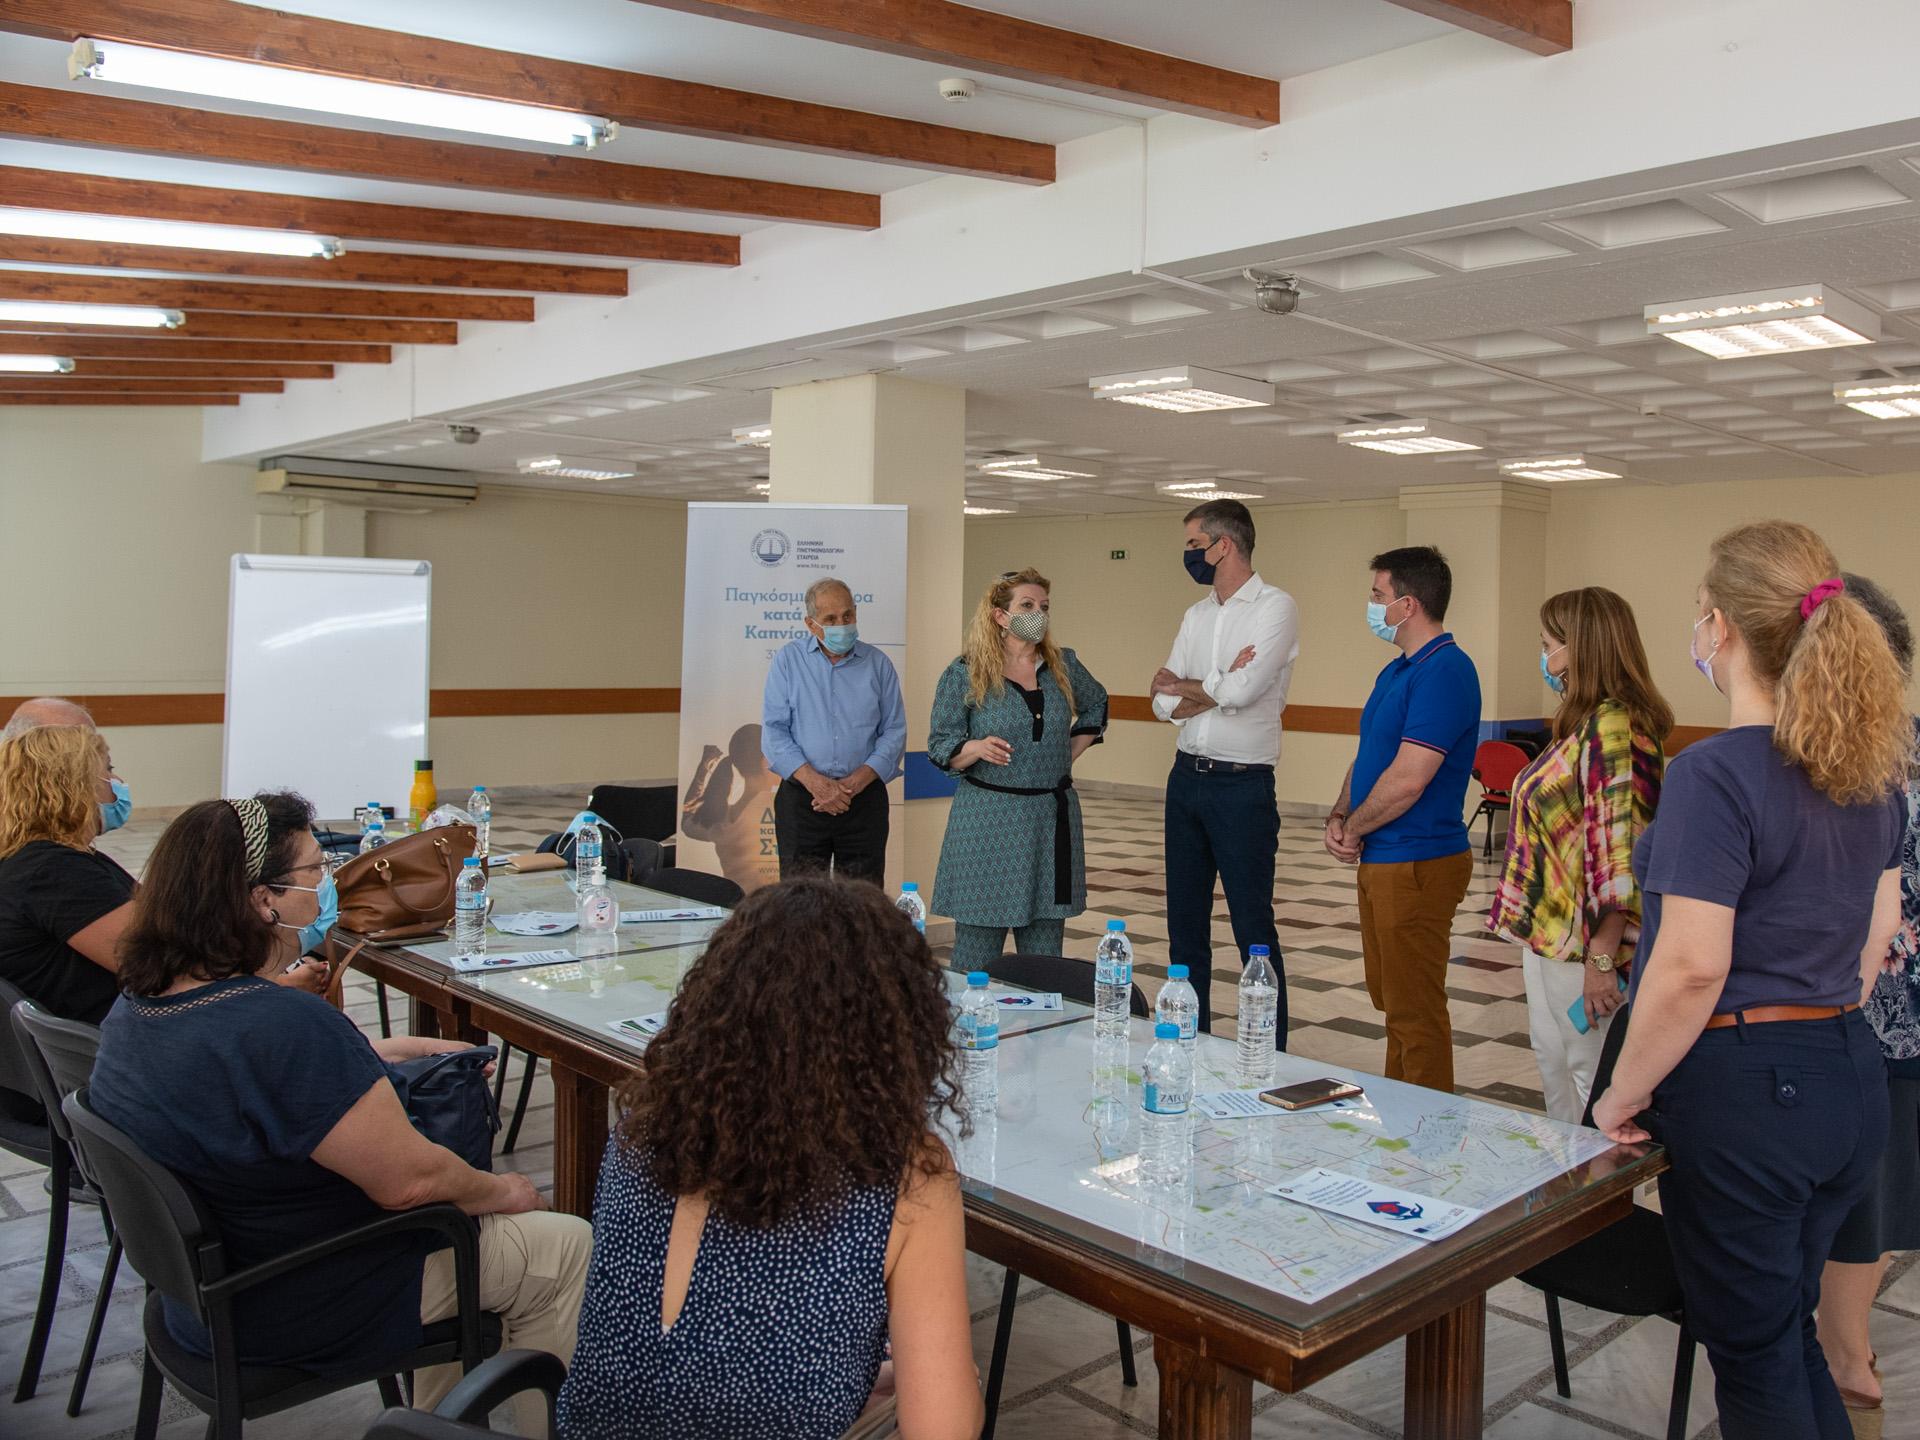 Δήμος Αθηναίων: Στο πρώτο ιατρείο διακοπής καπνίσματος ο Κώστας Μπακογιάννης